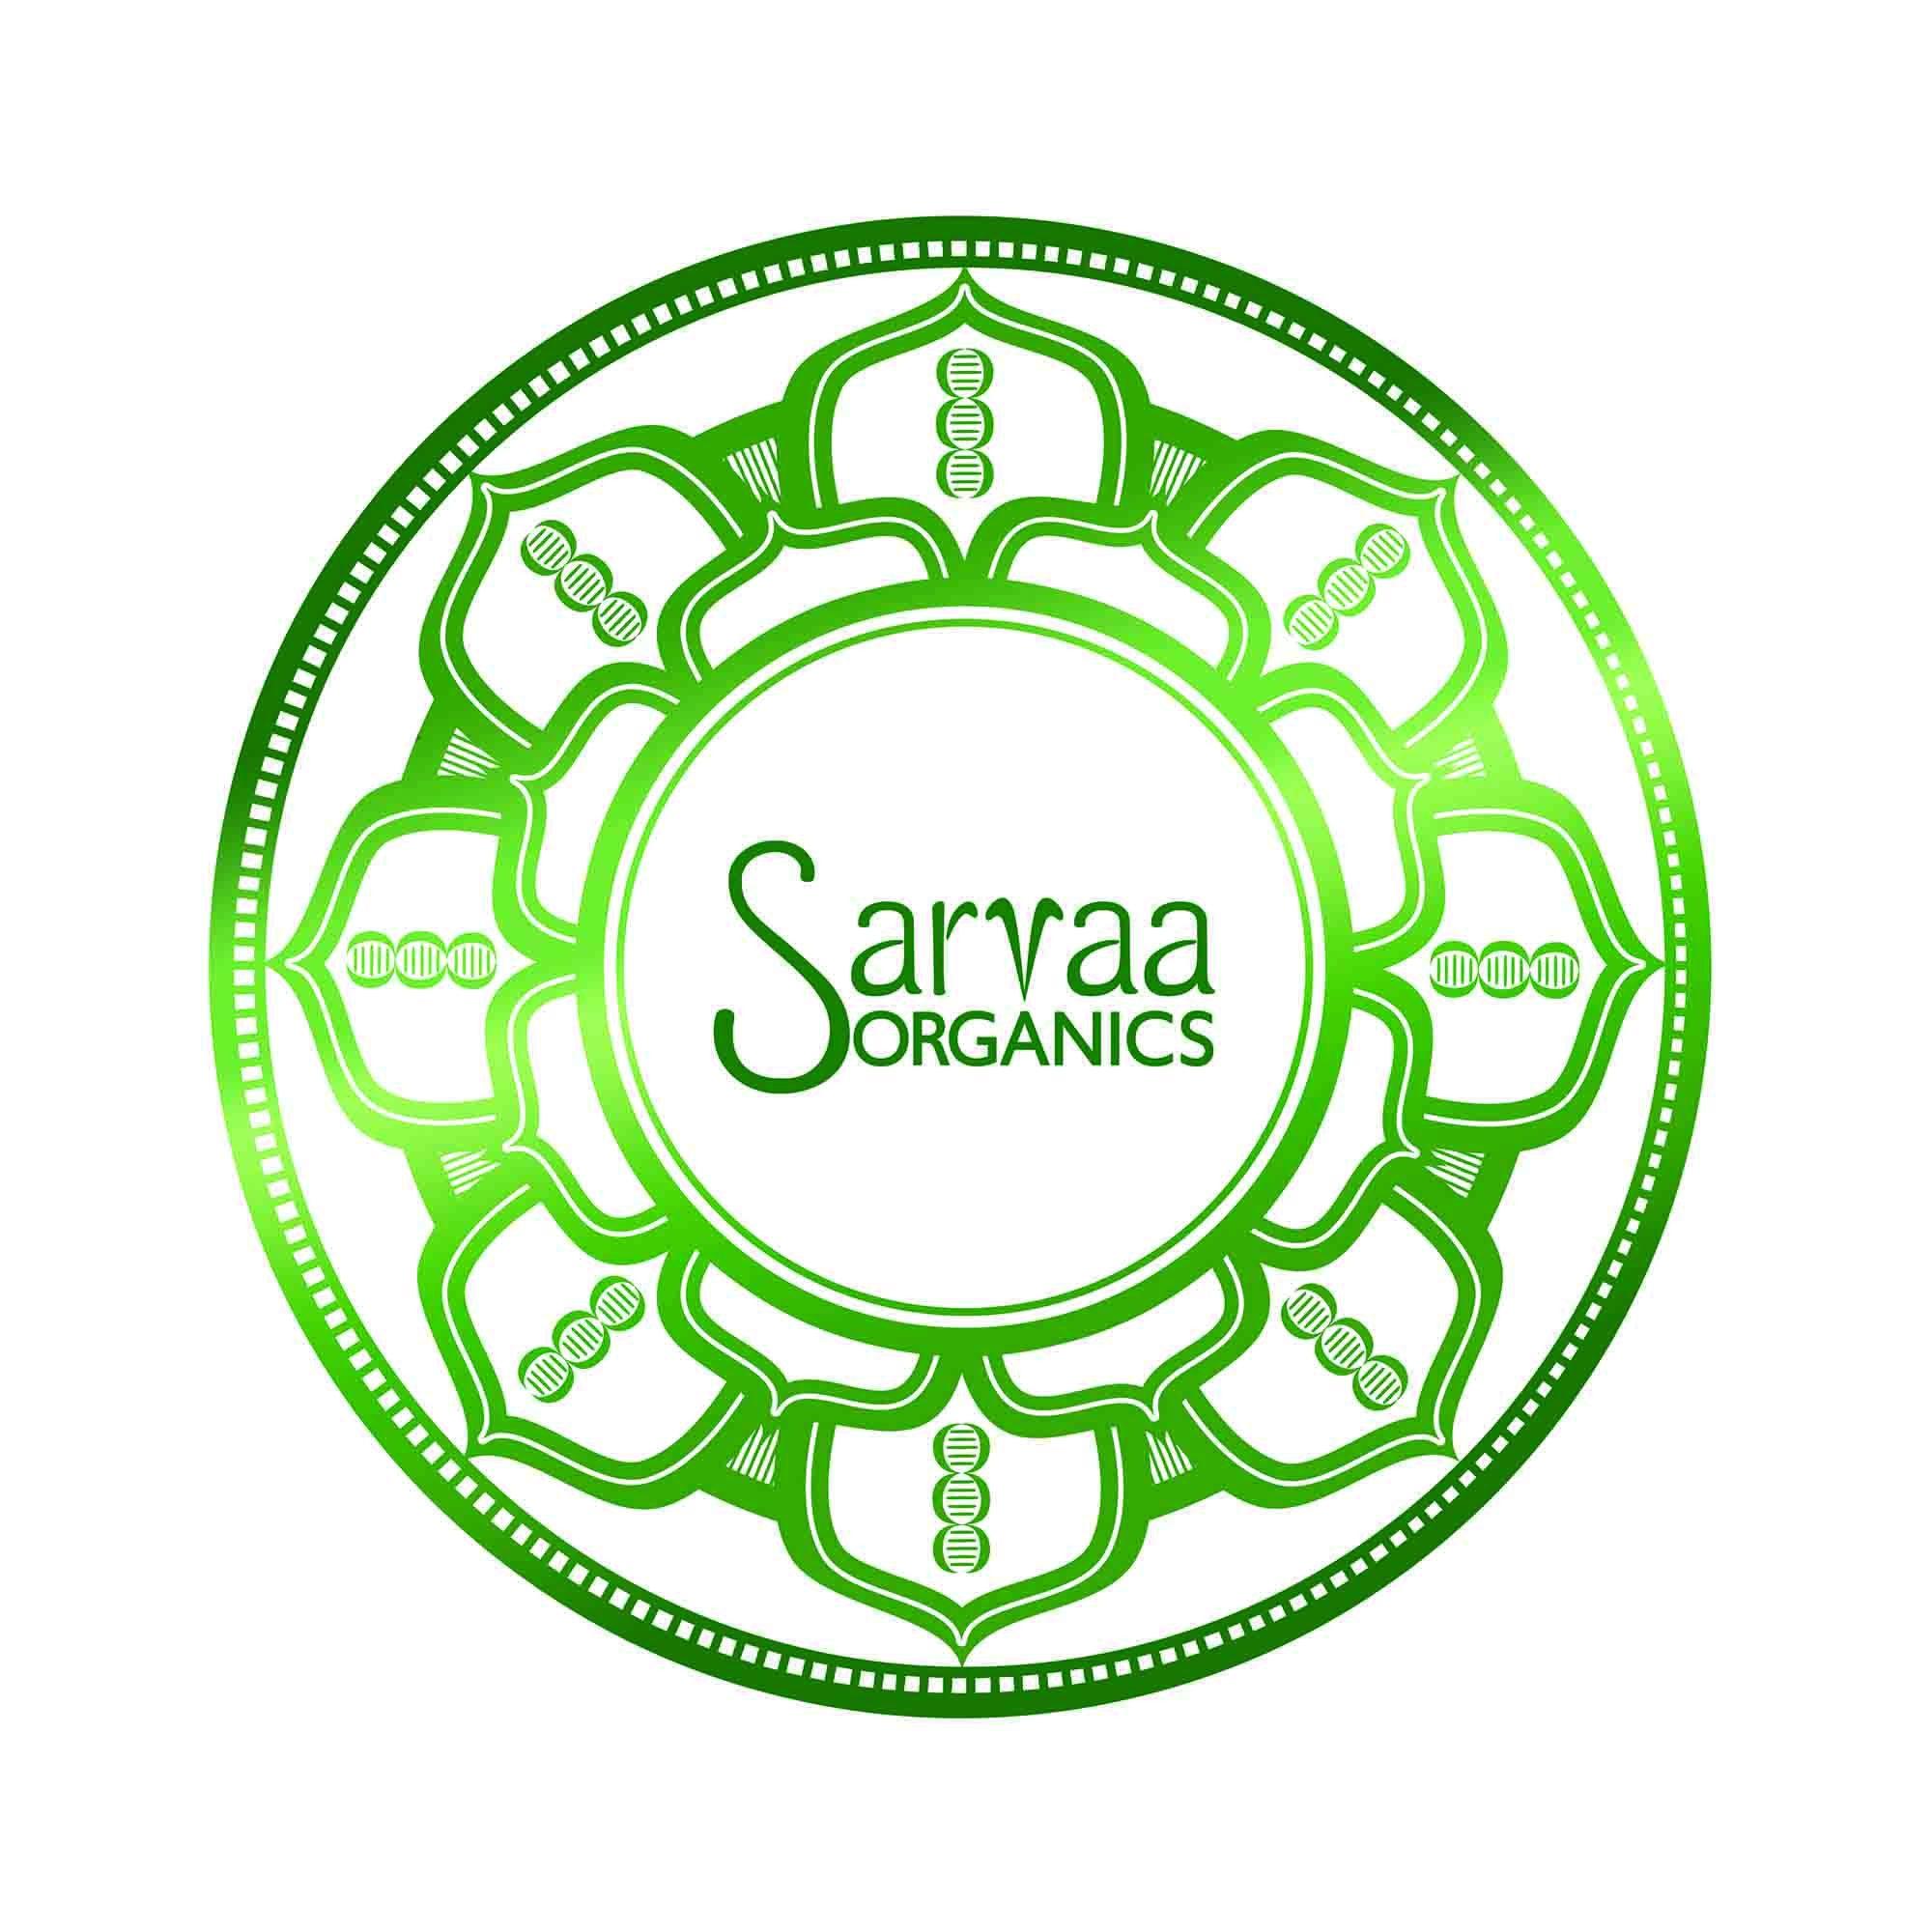 sarvaa-organic-superfoods-logo